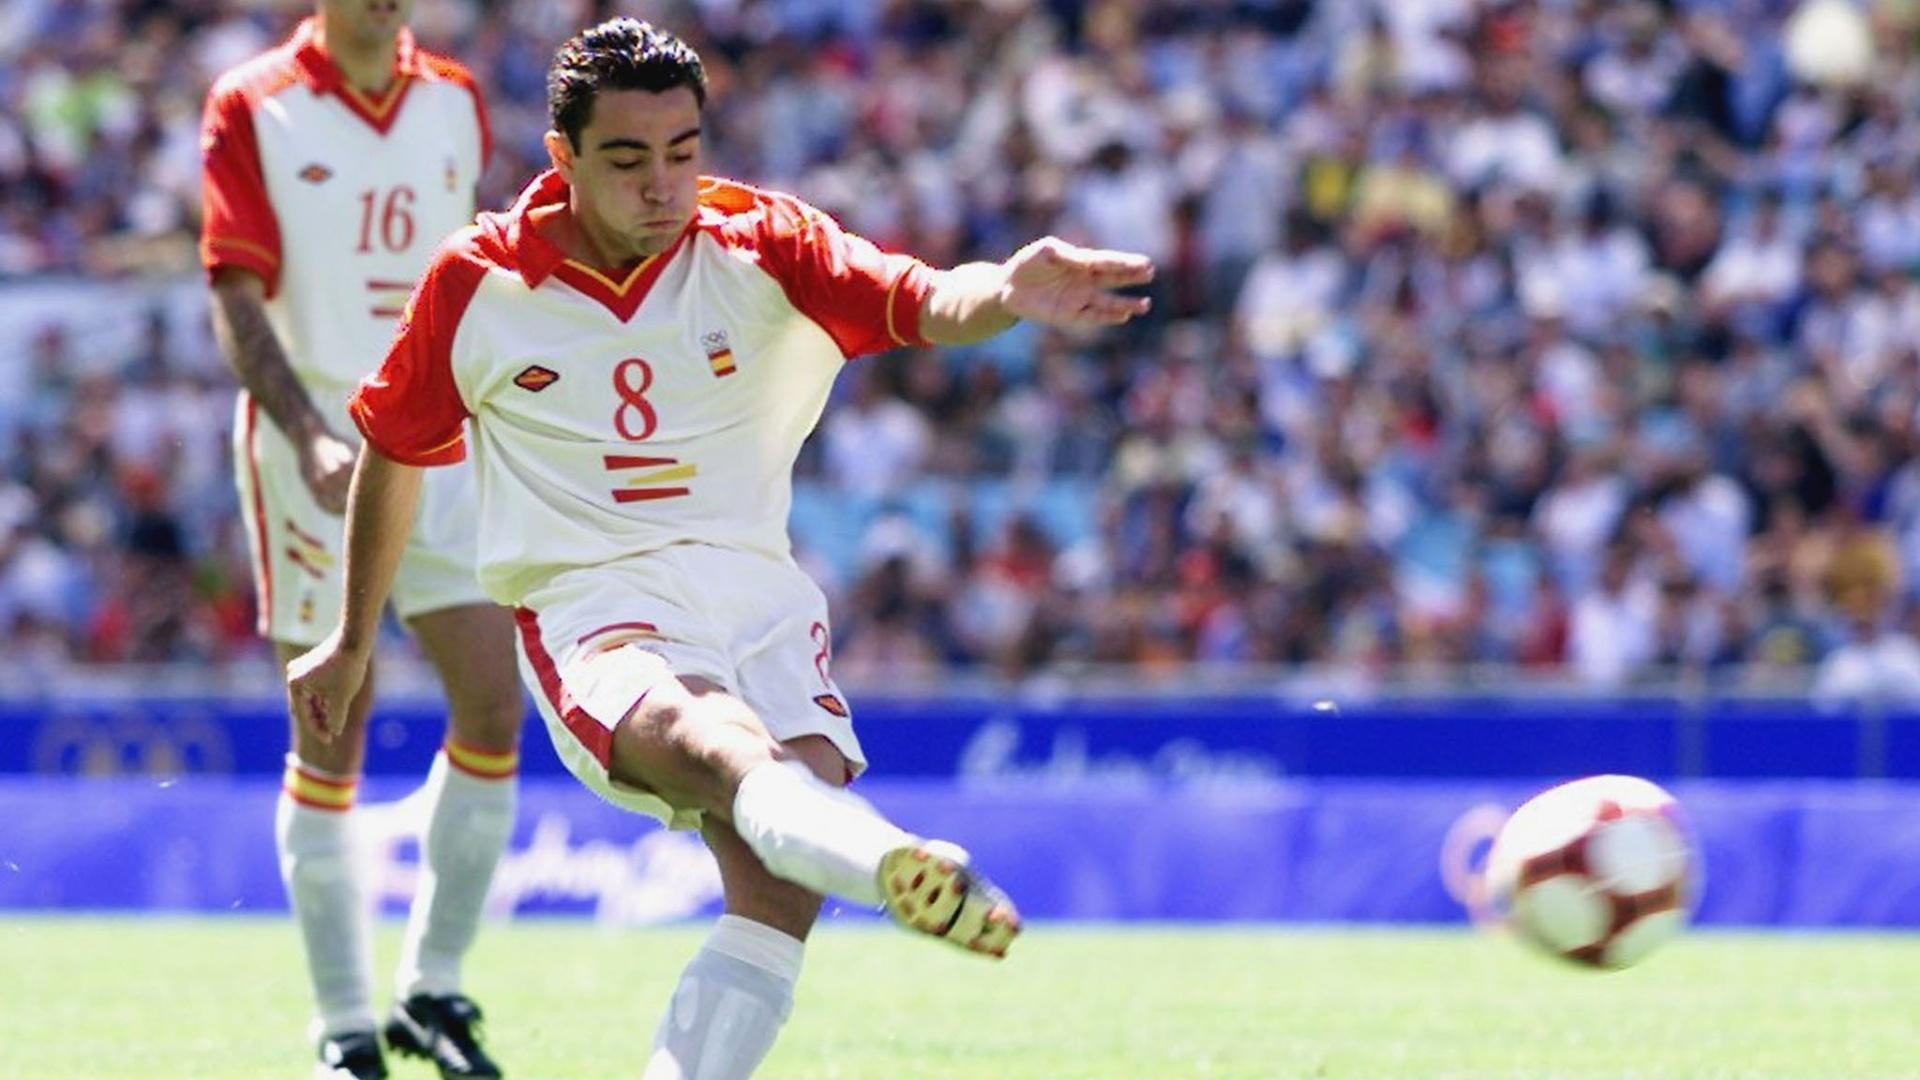 Xavi, meia da seleção espanhola, bate a gol na final dos Jogos Olímpicos de 2000, em Sydney, contra Camarões